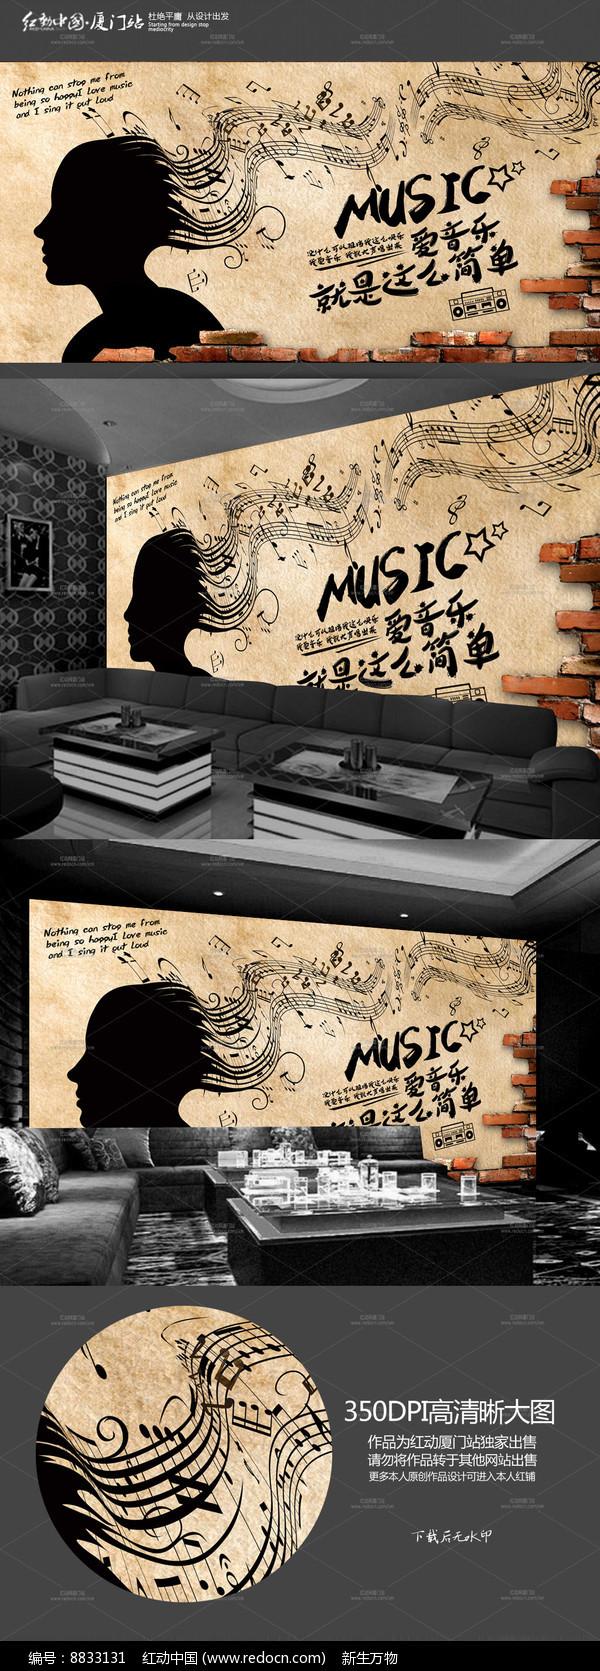 怀旧KTV音乐背景墙墙画展板图片